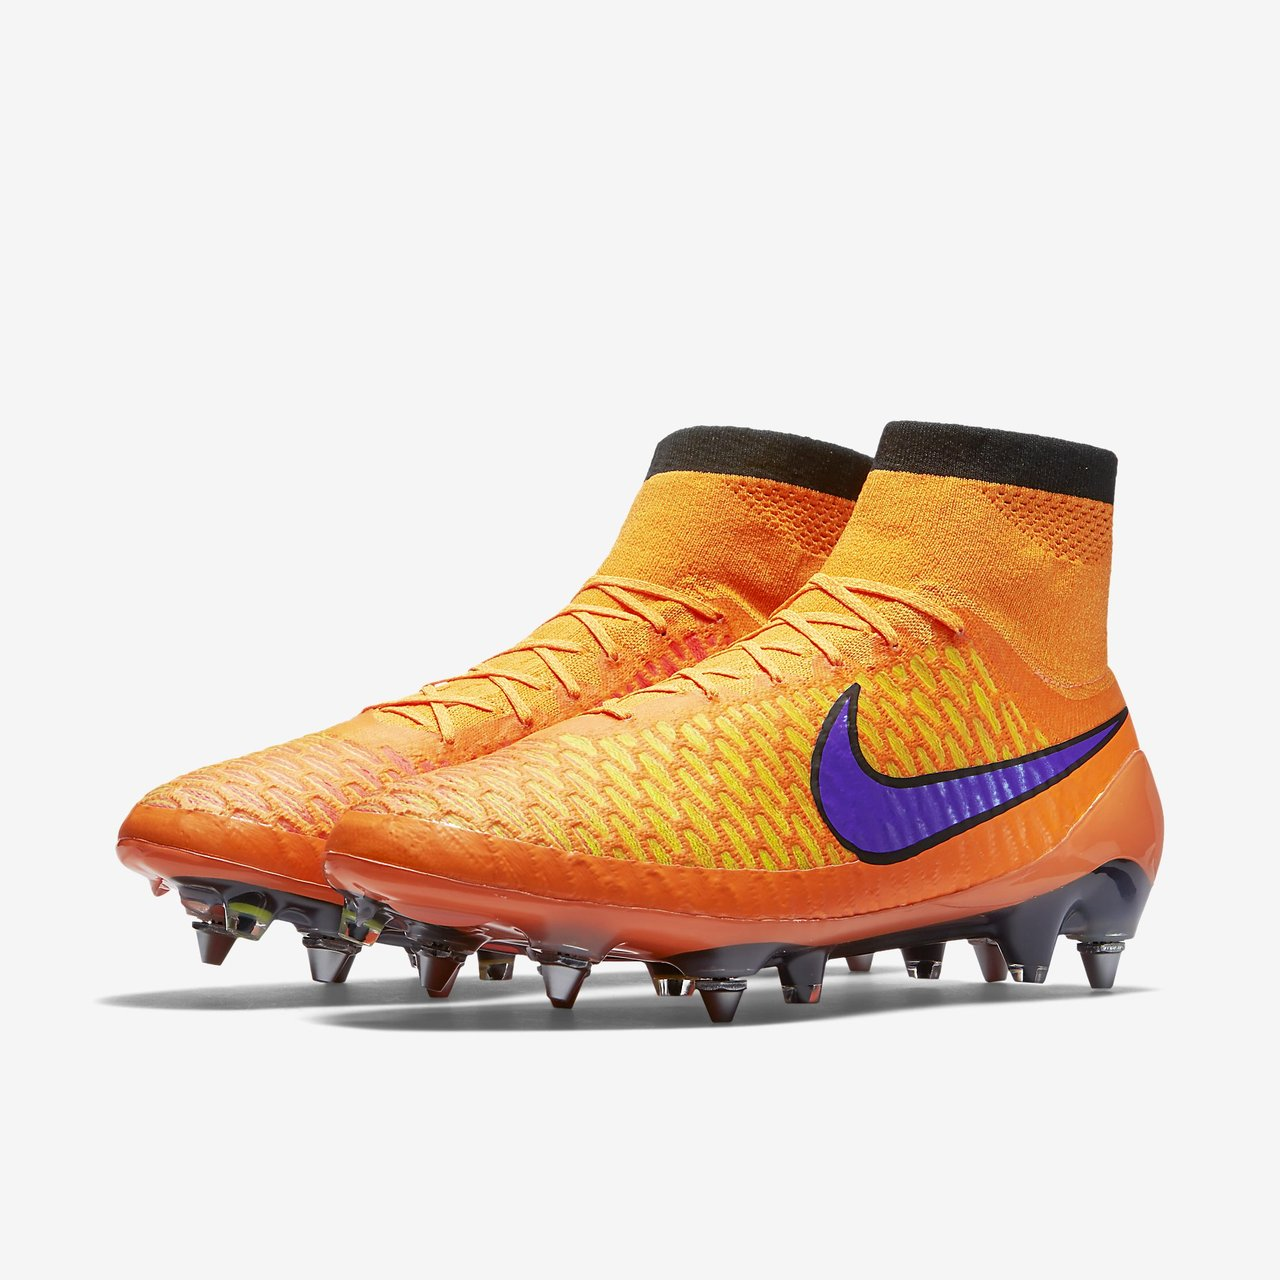 nouveau produit 10836 7aed3 Nike Magista Obra SG-Pro Boots - Intense Heat Pack - Total ...